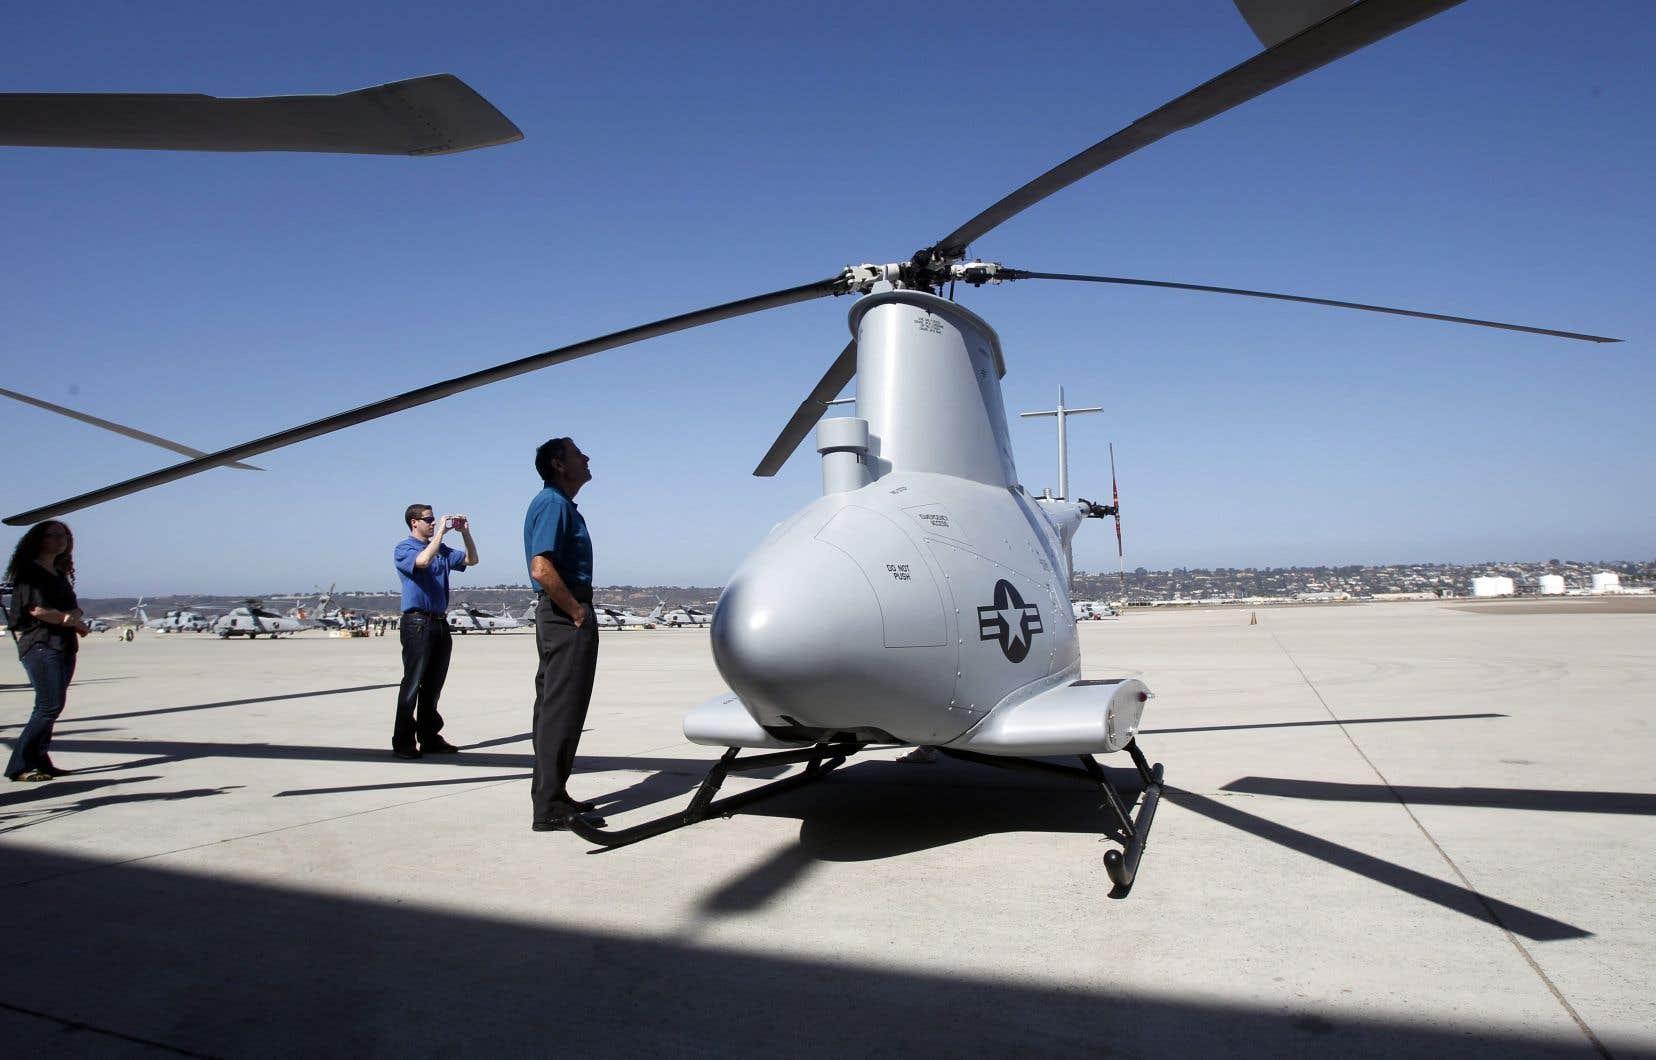 Un drone de l'armée américaine, qui pourrait être armé. Définir les «robots tueurs» est délicat. Ainsi, la France a décidé que les drones n'entraient pas dans la catégorie des robots, souligne l'auteur.